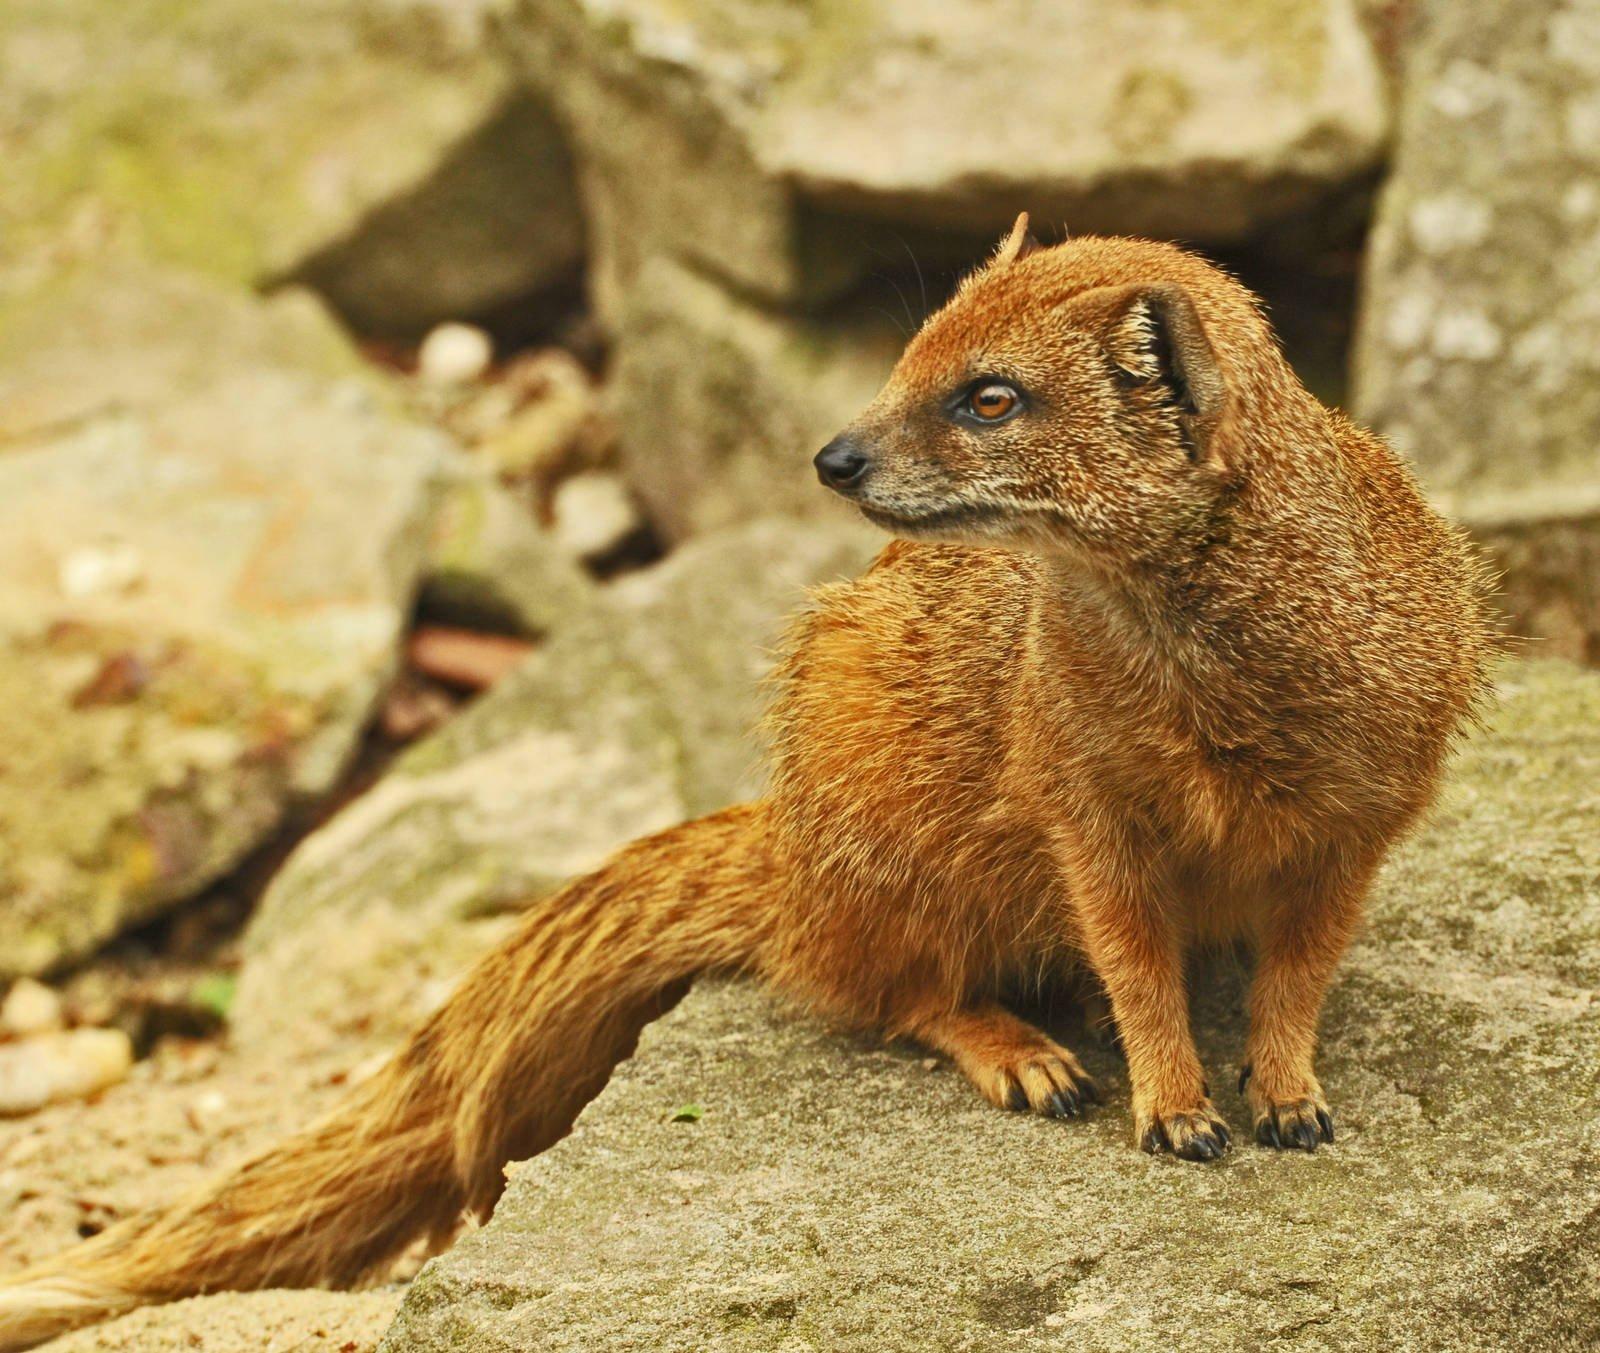 Mongoose widescreen